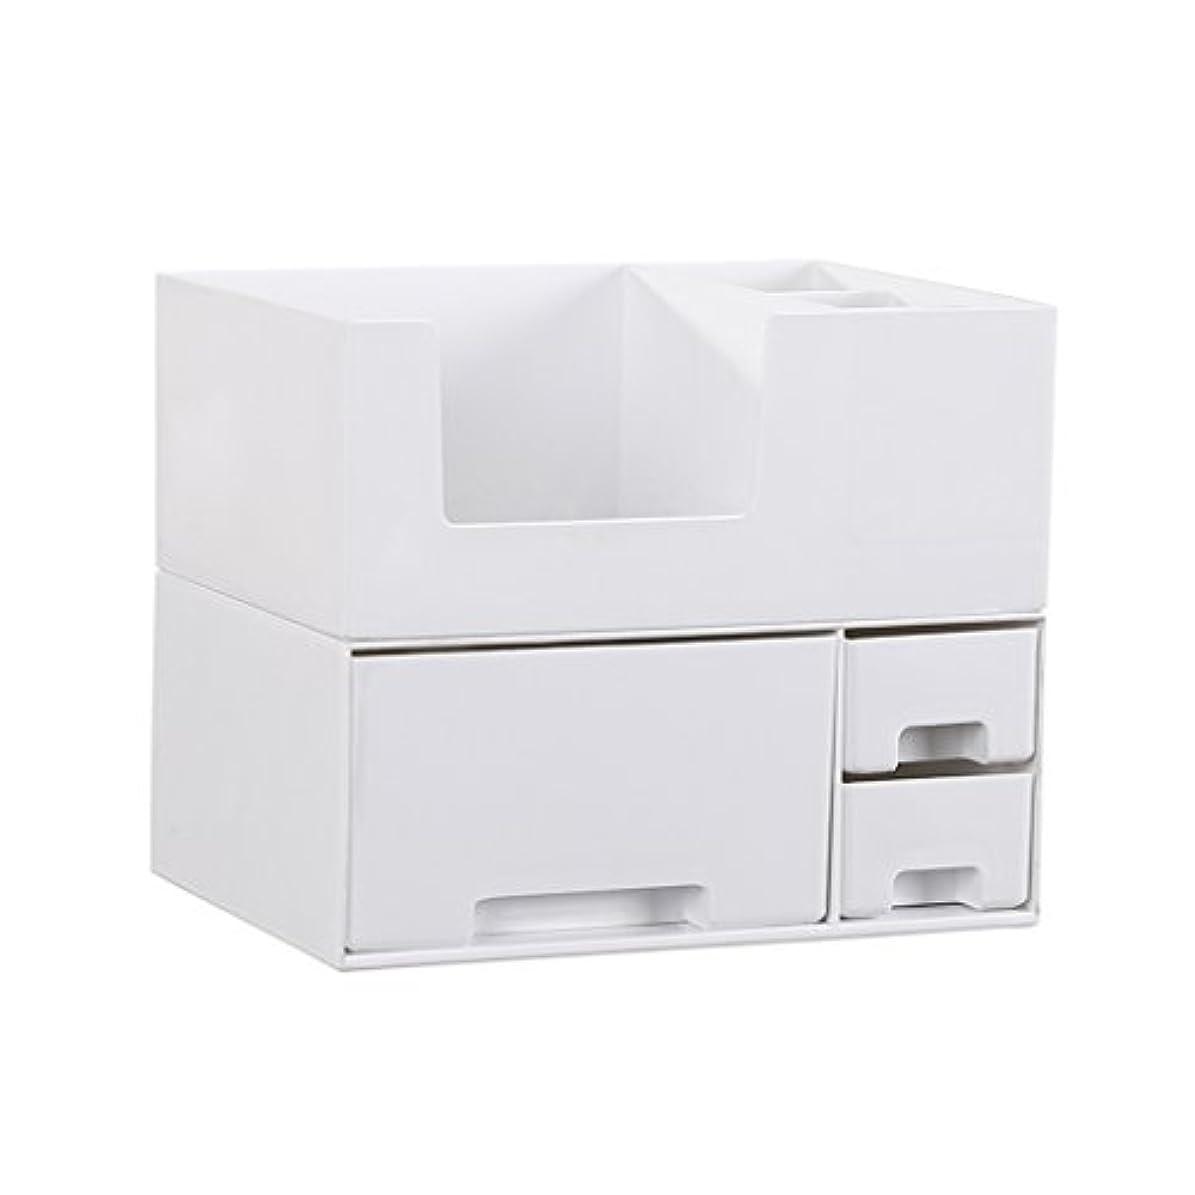 収束する誠実れるデスクトップ化粧品収納ボックス、スキンケア製品、フェイシャルマスク、ジュエリー、収納ラック、白い2階建て多目的収納ボックス